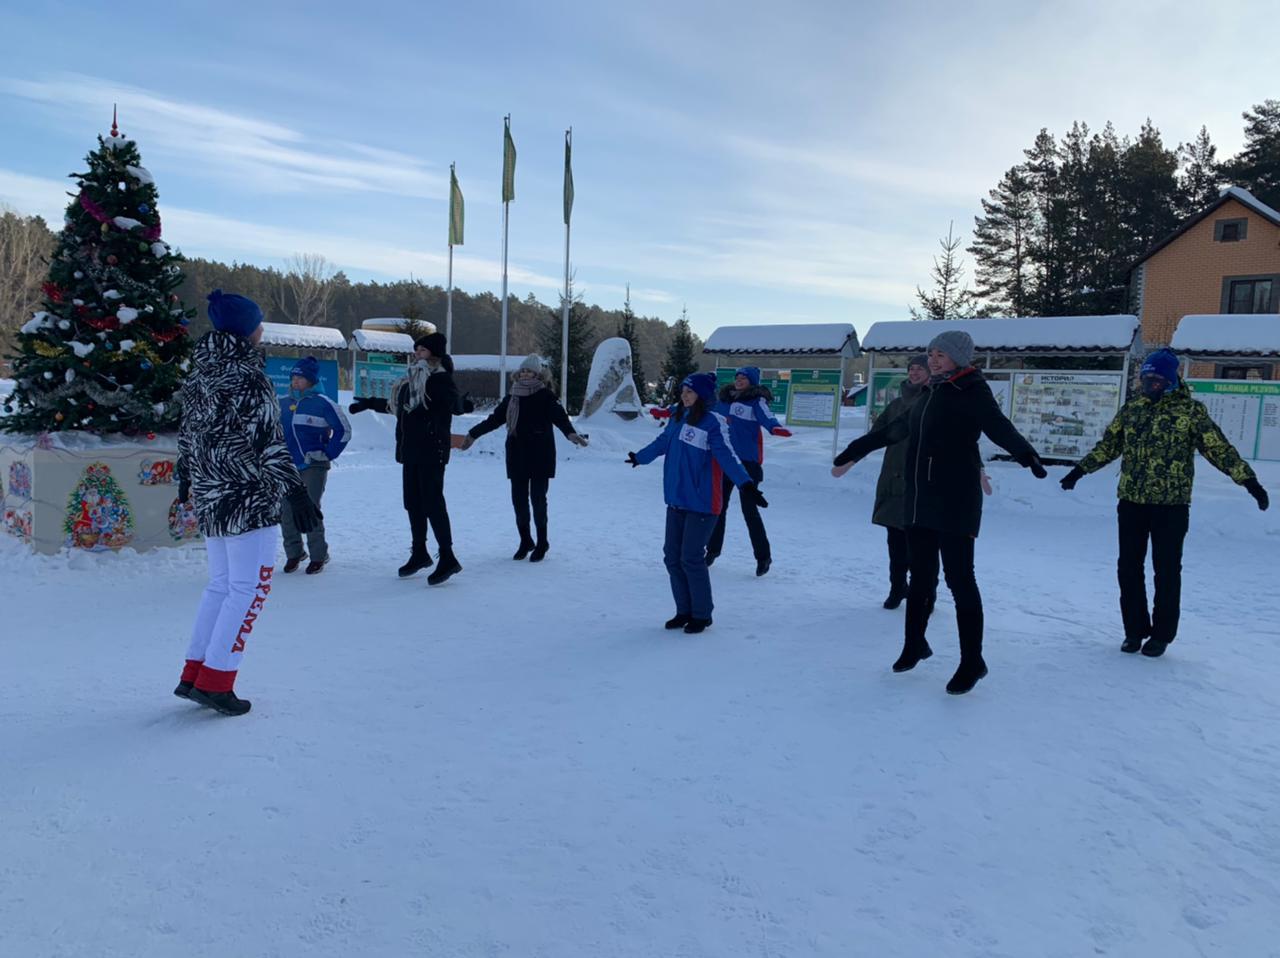 Барнаульцы могут принять участие в «веселых стартах», шуточных спортивных состязаниях, конкурсах и викторинах в спорткомплексе «Олимпийский»